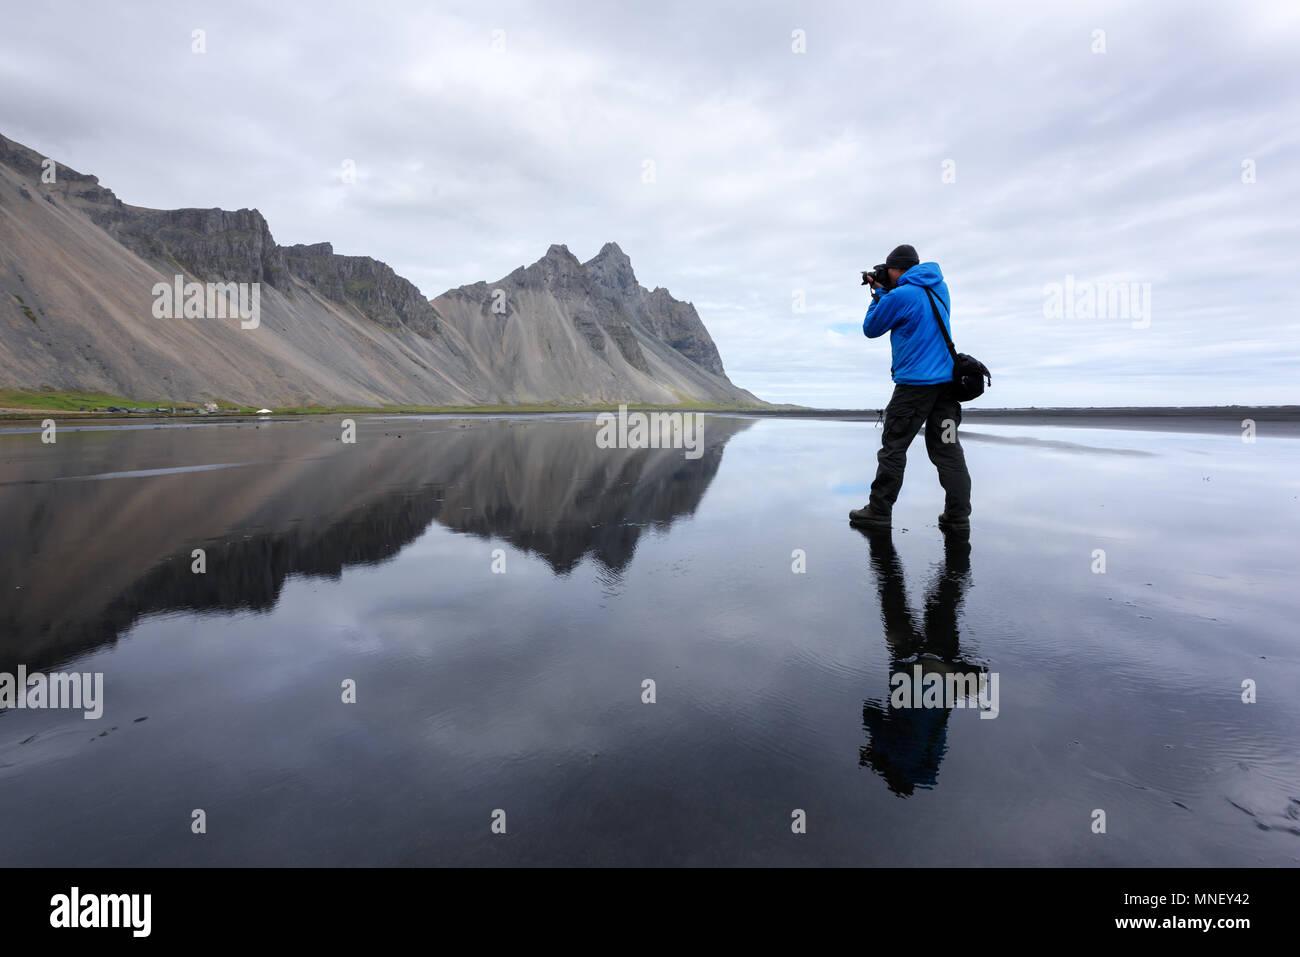 Photographer take photo near famous Stokksnes mountains - Stock Image